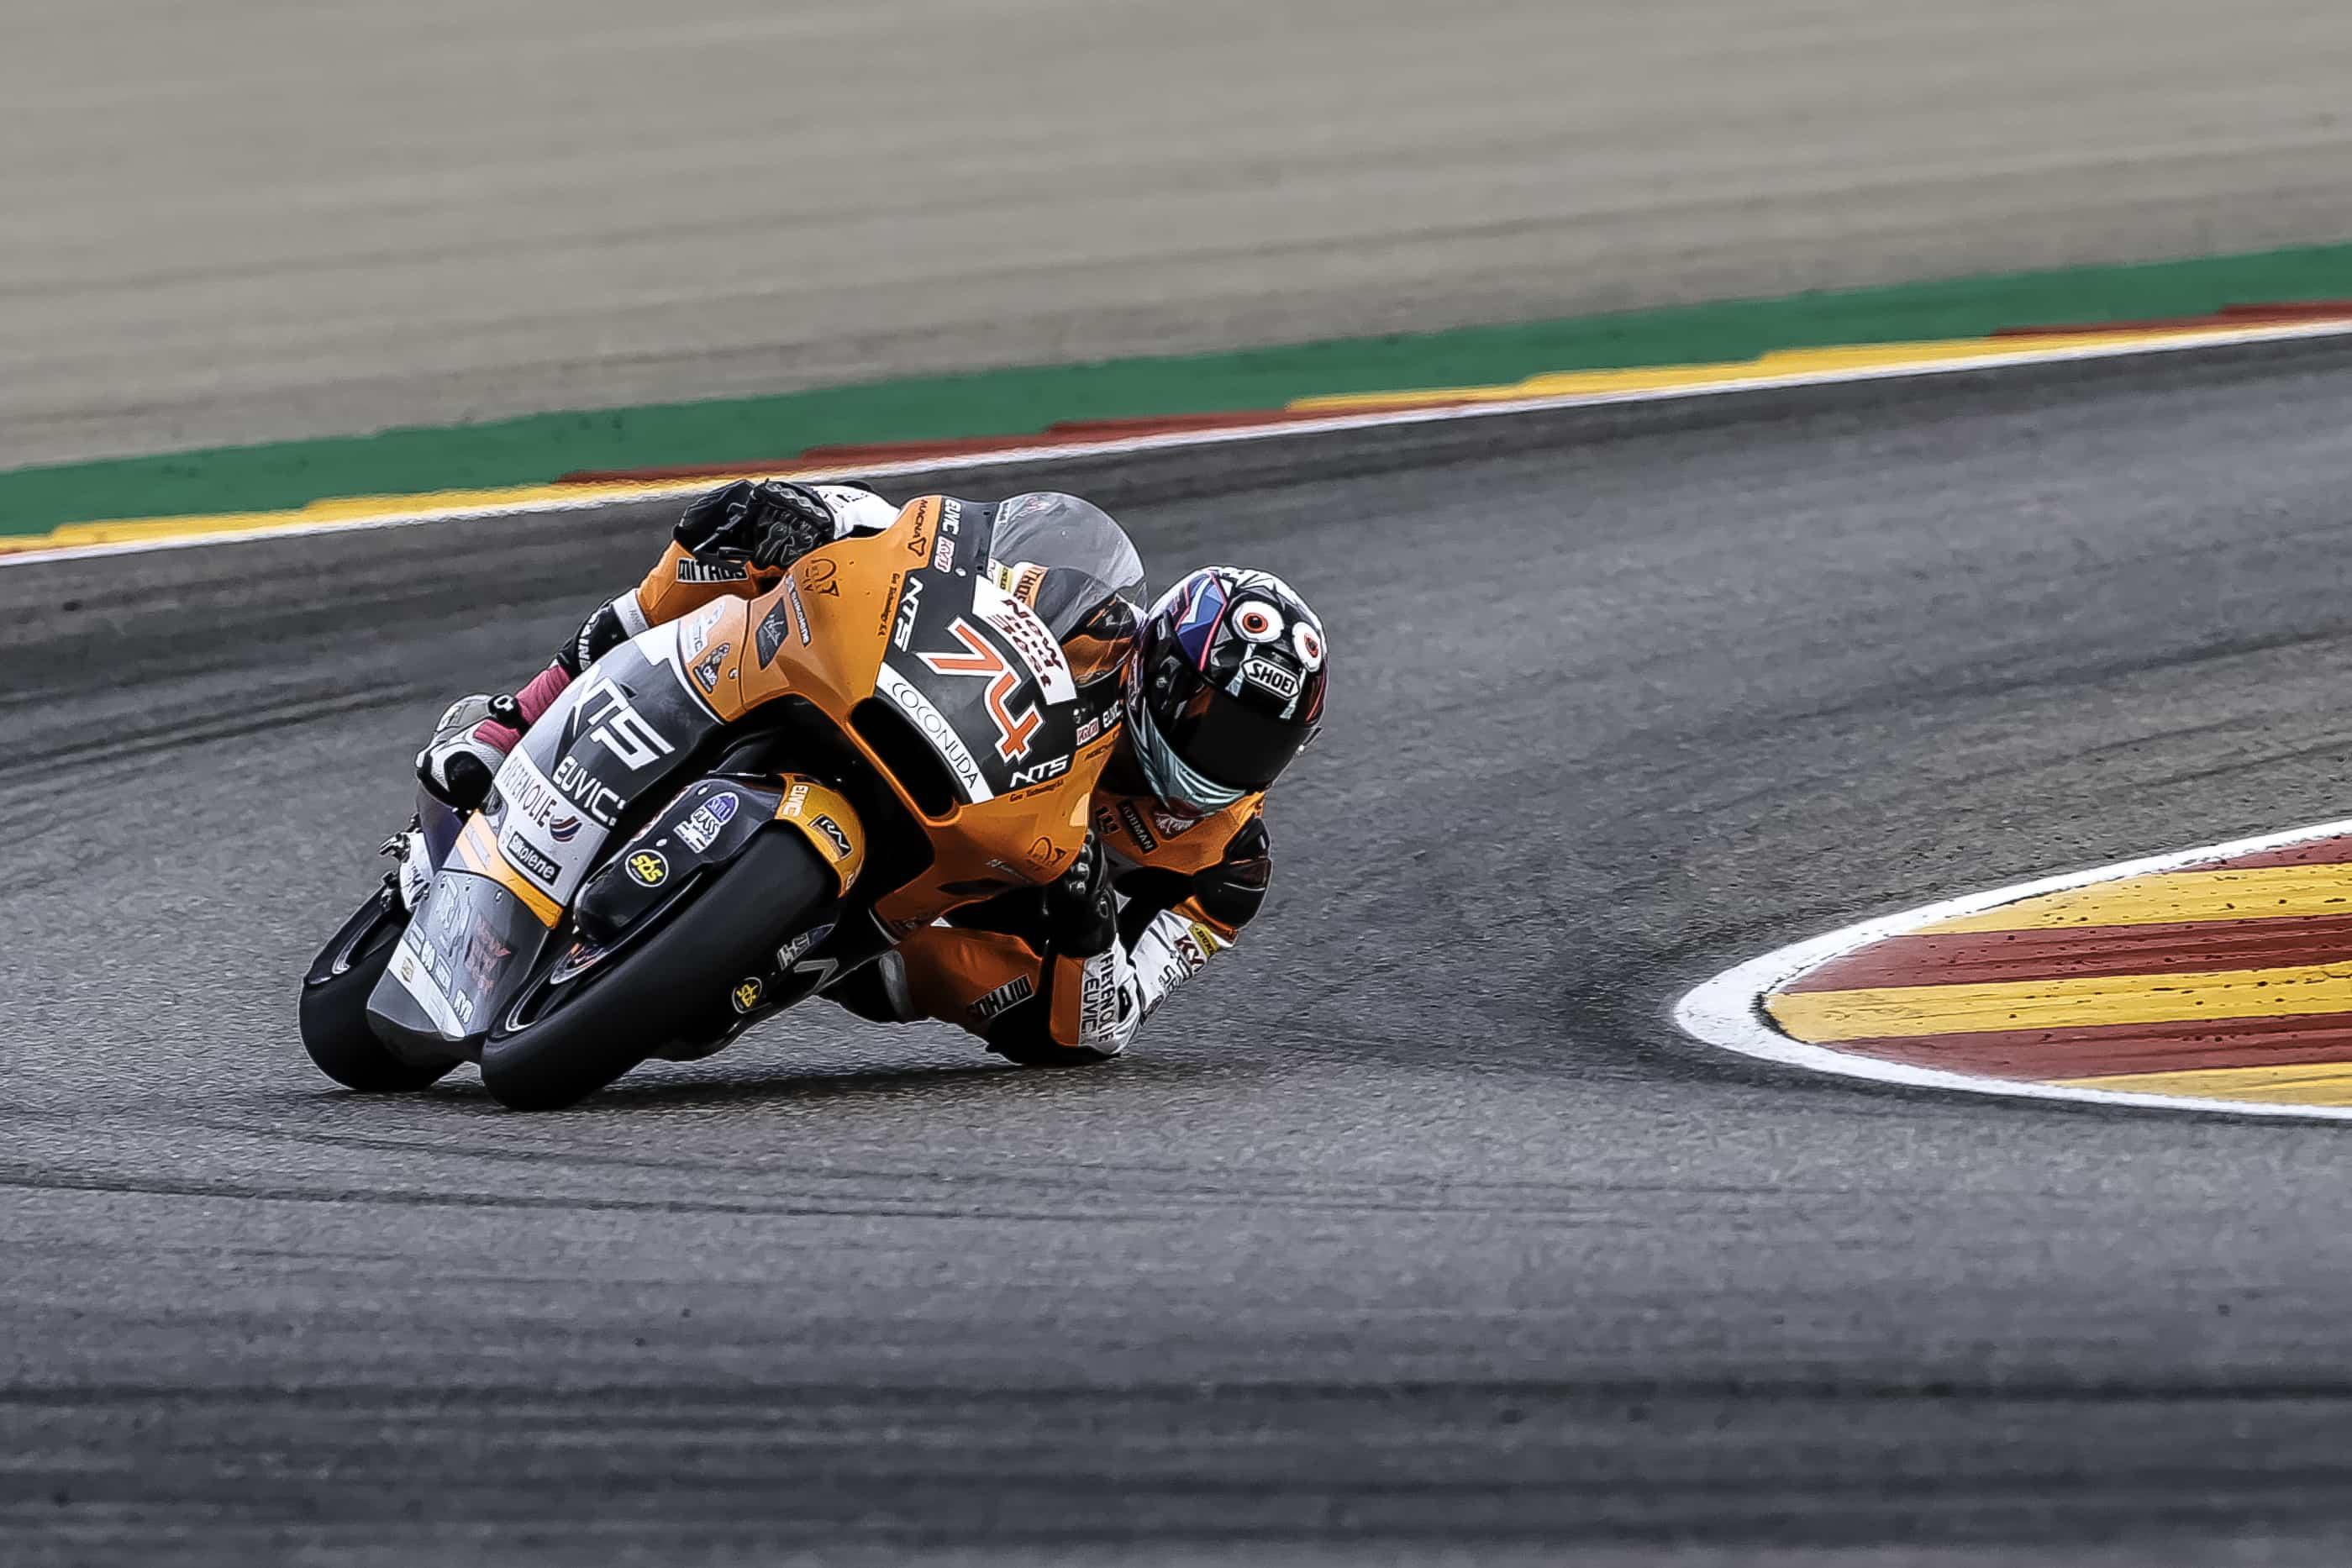 テルエルGP NTS RW Racing GP 公式練習3、公式予選レポート